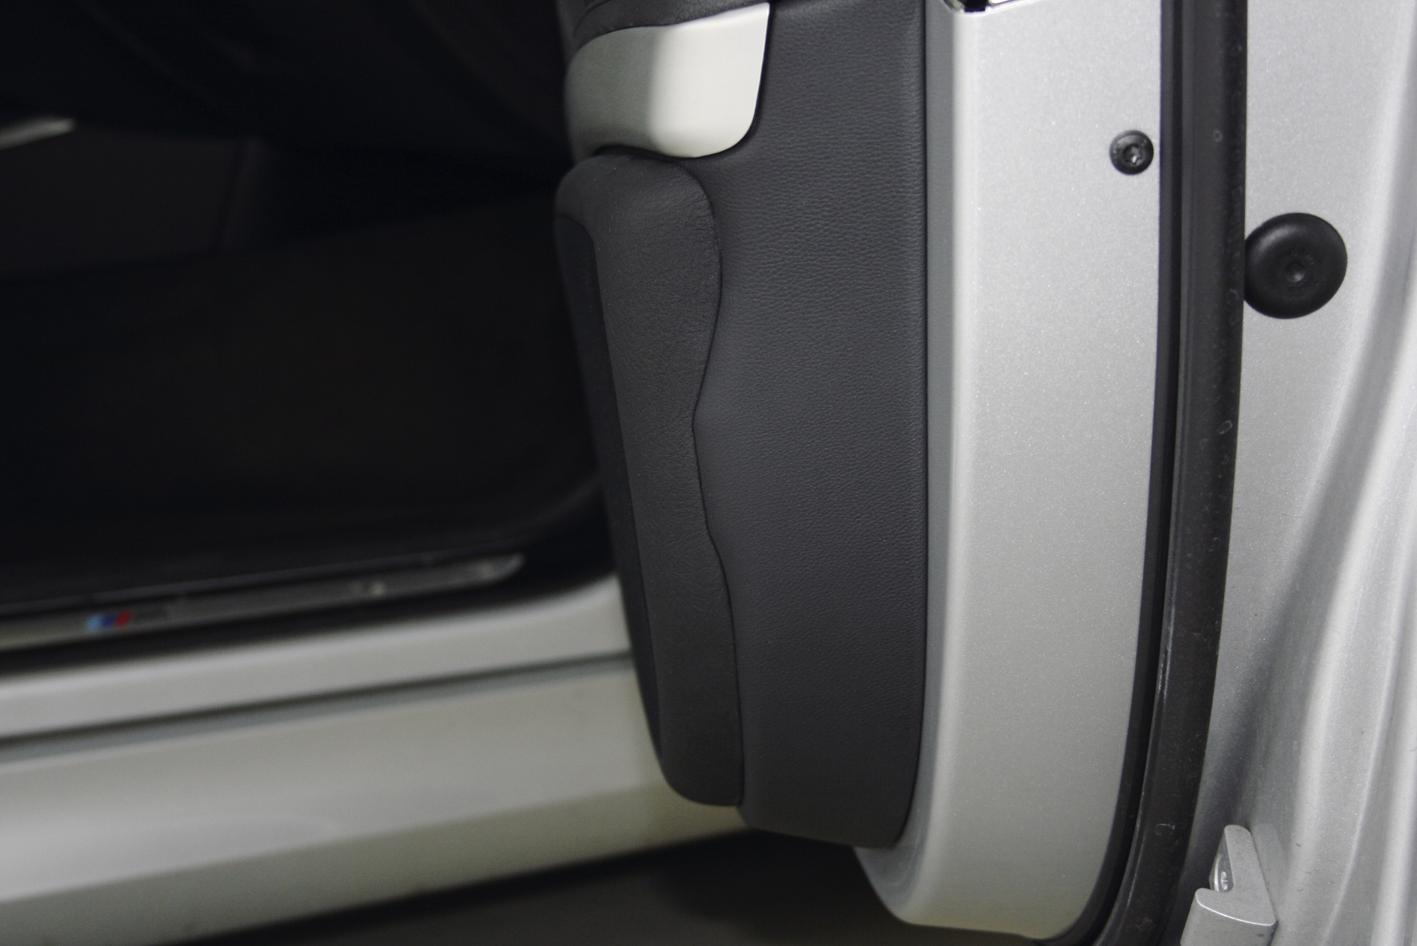 Bmw 3 Series E90 91 Doorboards With 3 Way Soundsystem Jehnert Sound Design Automotive